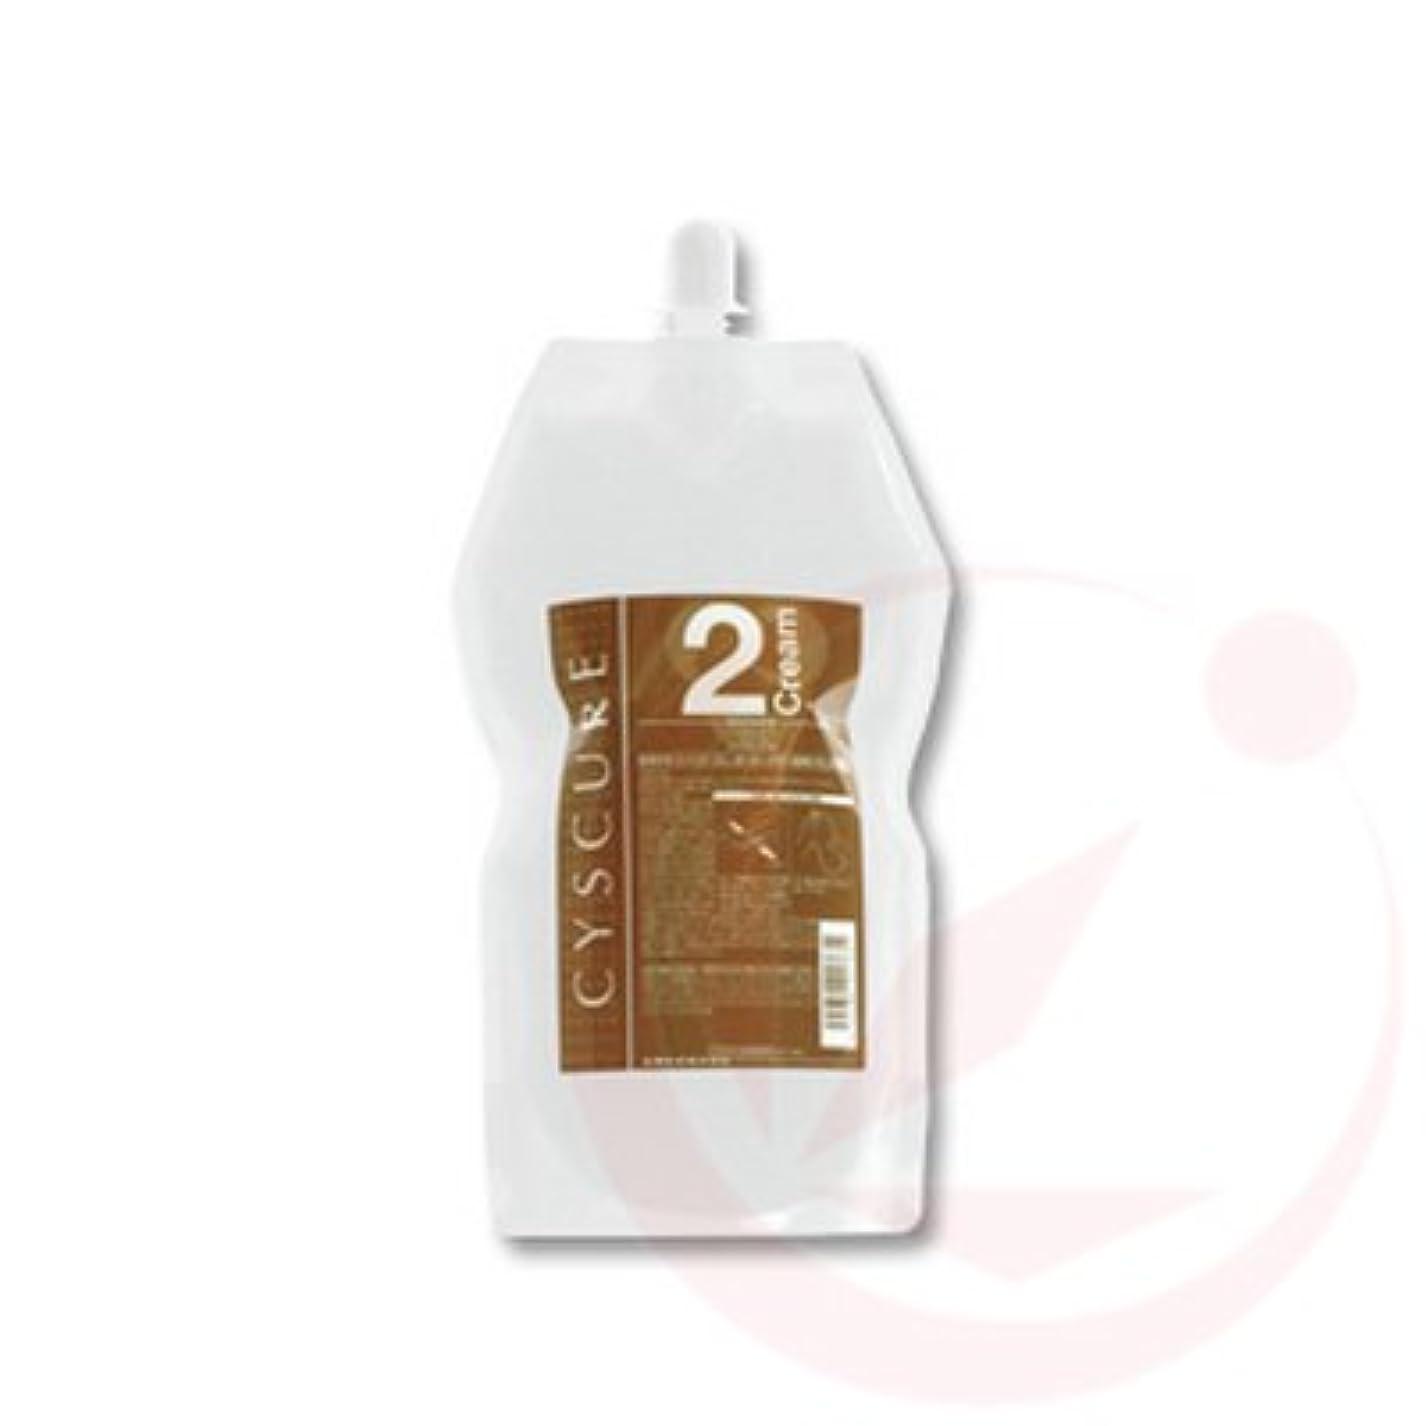 ポケットバスト憲法タマリス シスキュア2クリーム 1000g (パーマ剤/2剤)